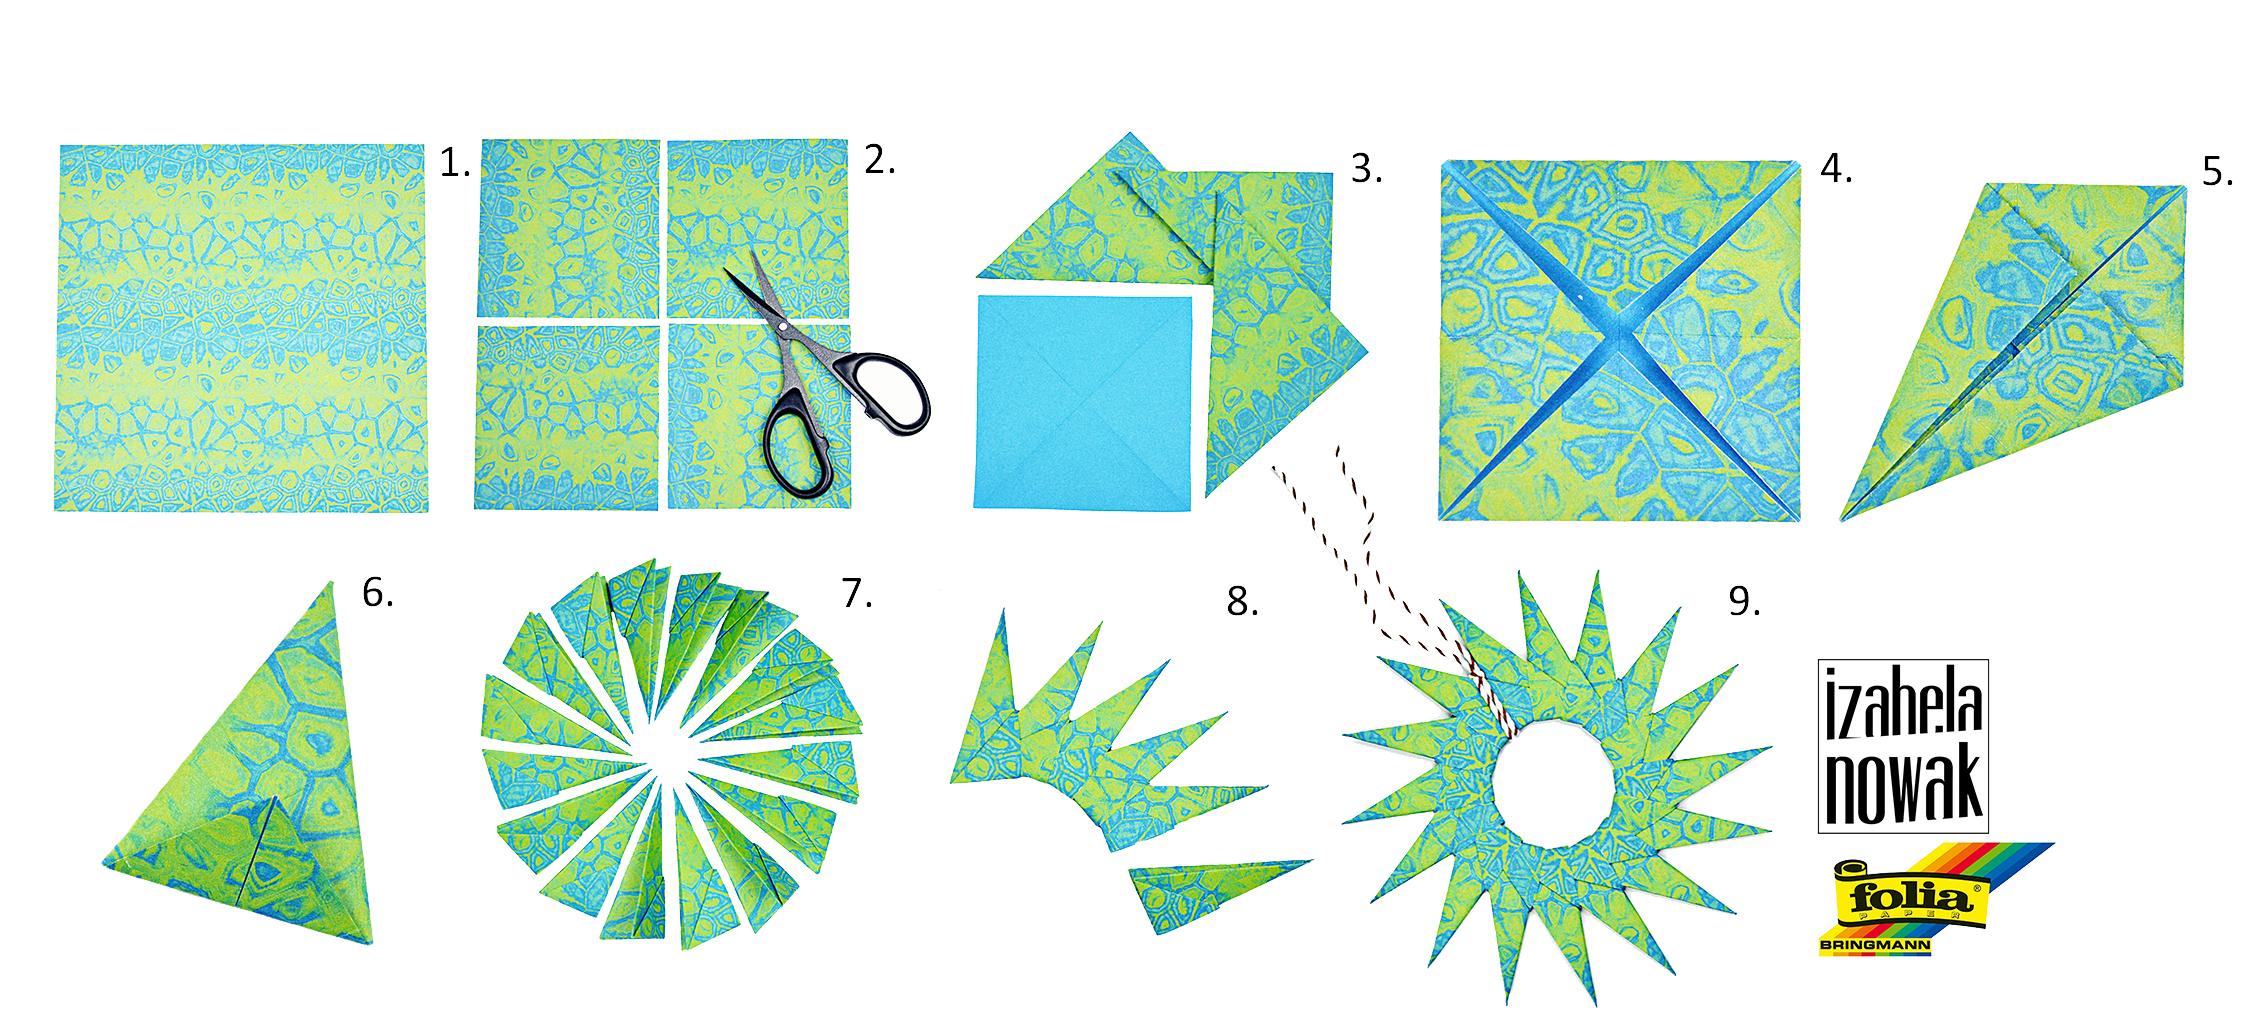 Hanging Origami Blumen2_Izabela Nowak klein